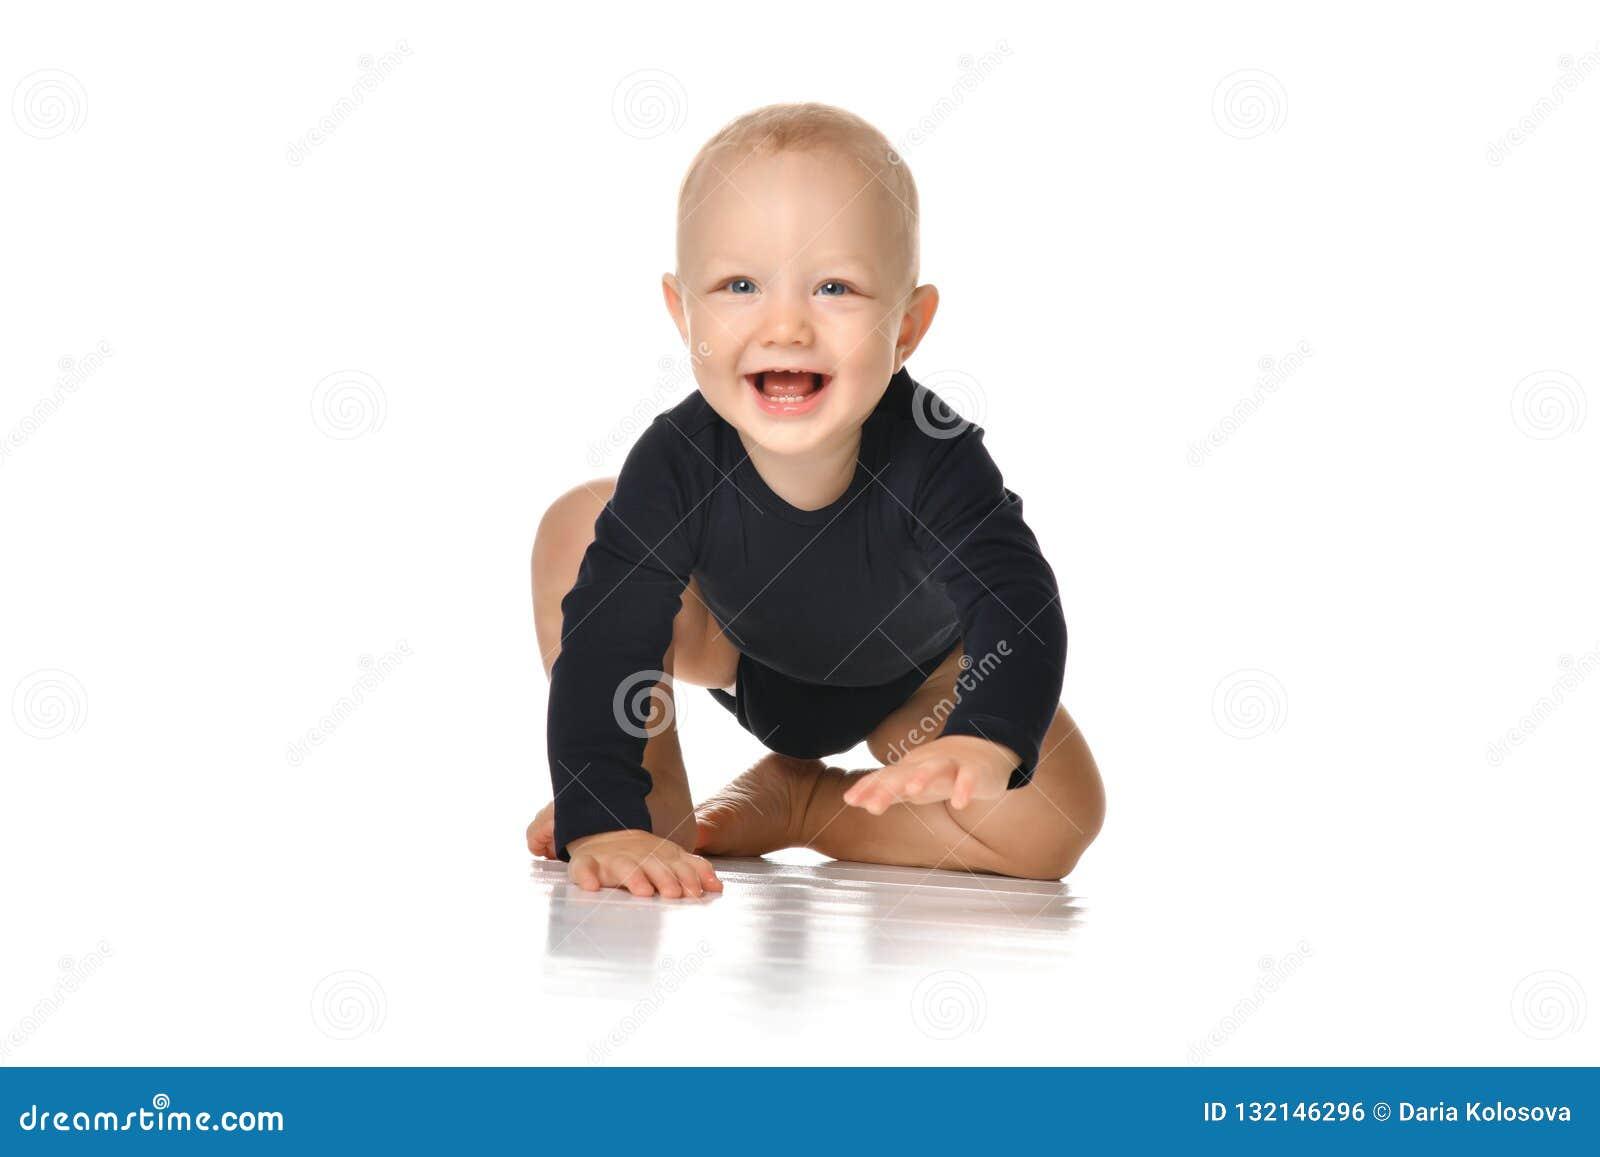 婴儿儿童小小孩爬行的愉快看直接隔绝在白色背景